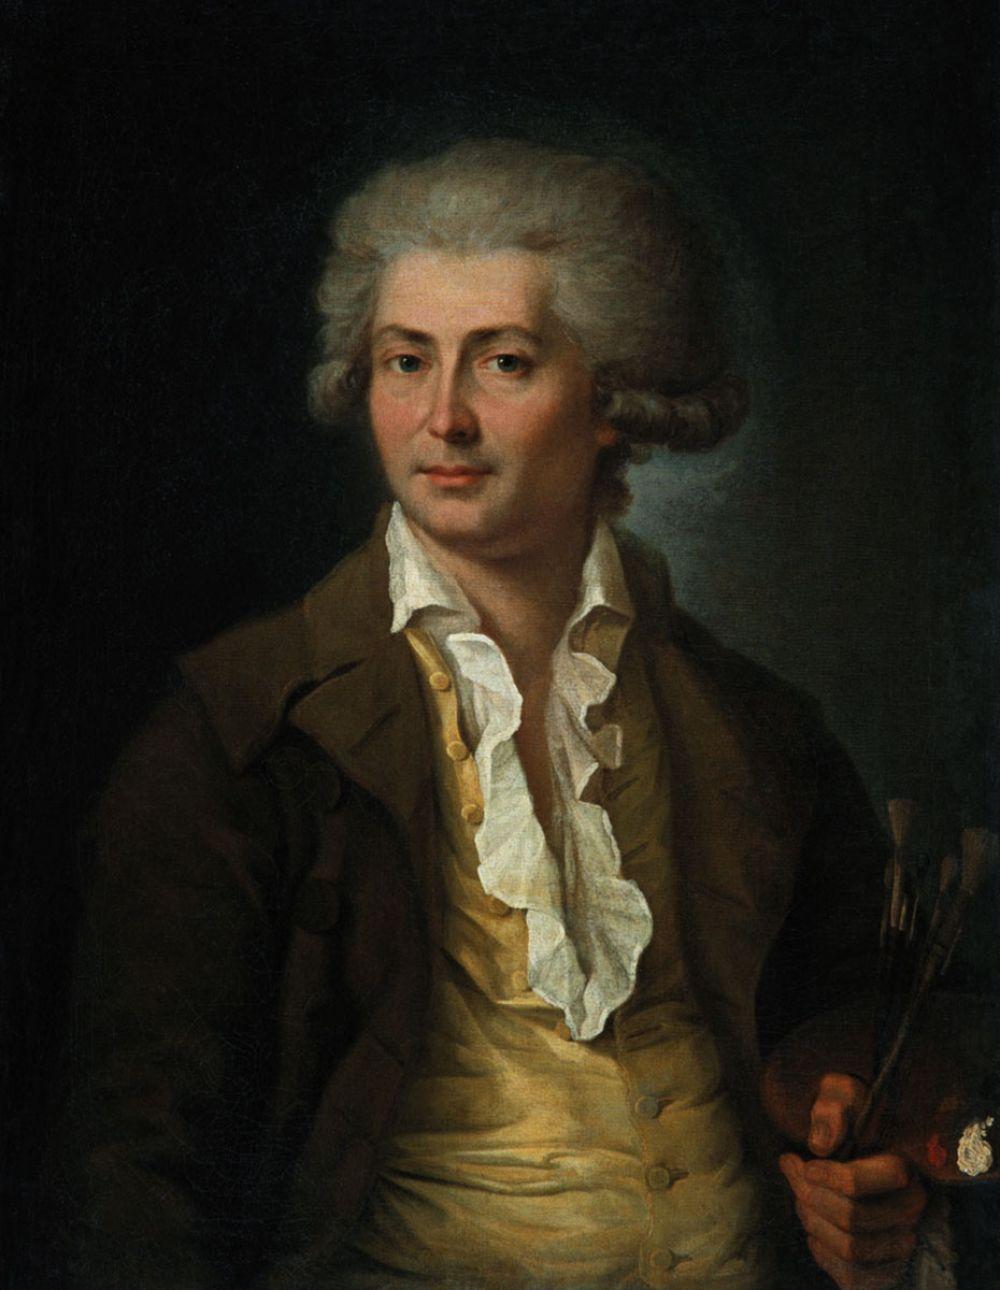 Будущий художник родился в Санкт-Петербурге в 1745 году в семье солдата лейб-гвардии Преображенского полка. В 15 лет был принят в воспитанники Императорской Академии художеств, где по окончании обучения был удостоен малой золотой медали, и, ввиду выдающихся способностей, был отправлен в заграничную поездку как академический пенсионер для дальнейшего совершенствования в живописи. Путешествовал и проживал во Франции и Италии.